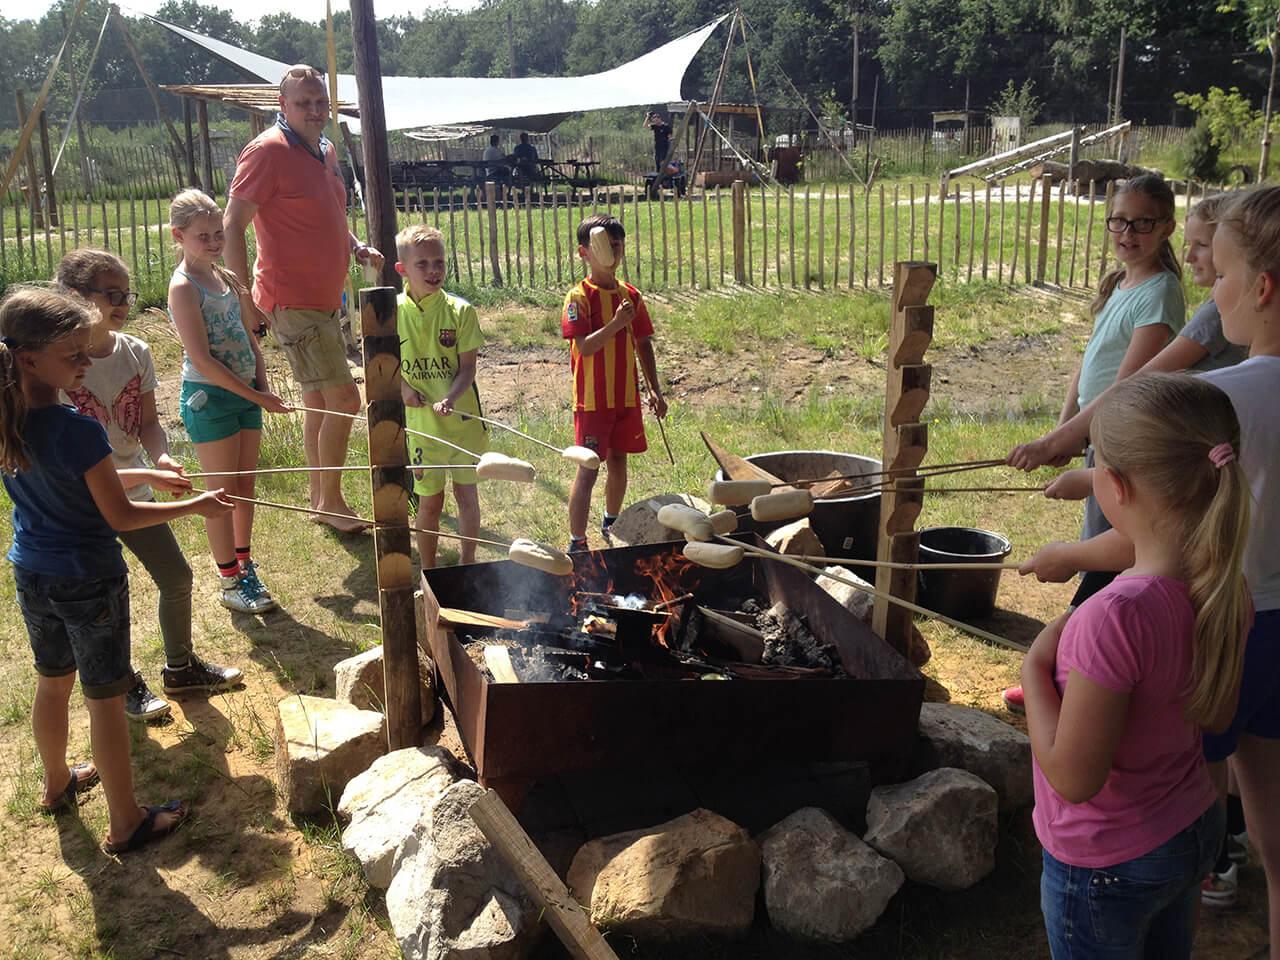 Kinderen bakken een lekker broodje boven kampvuur